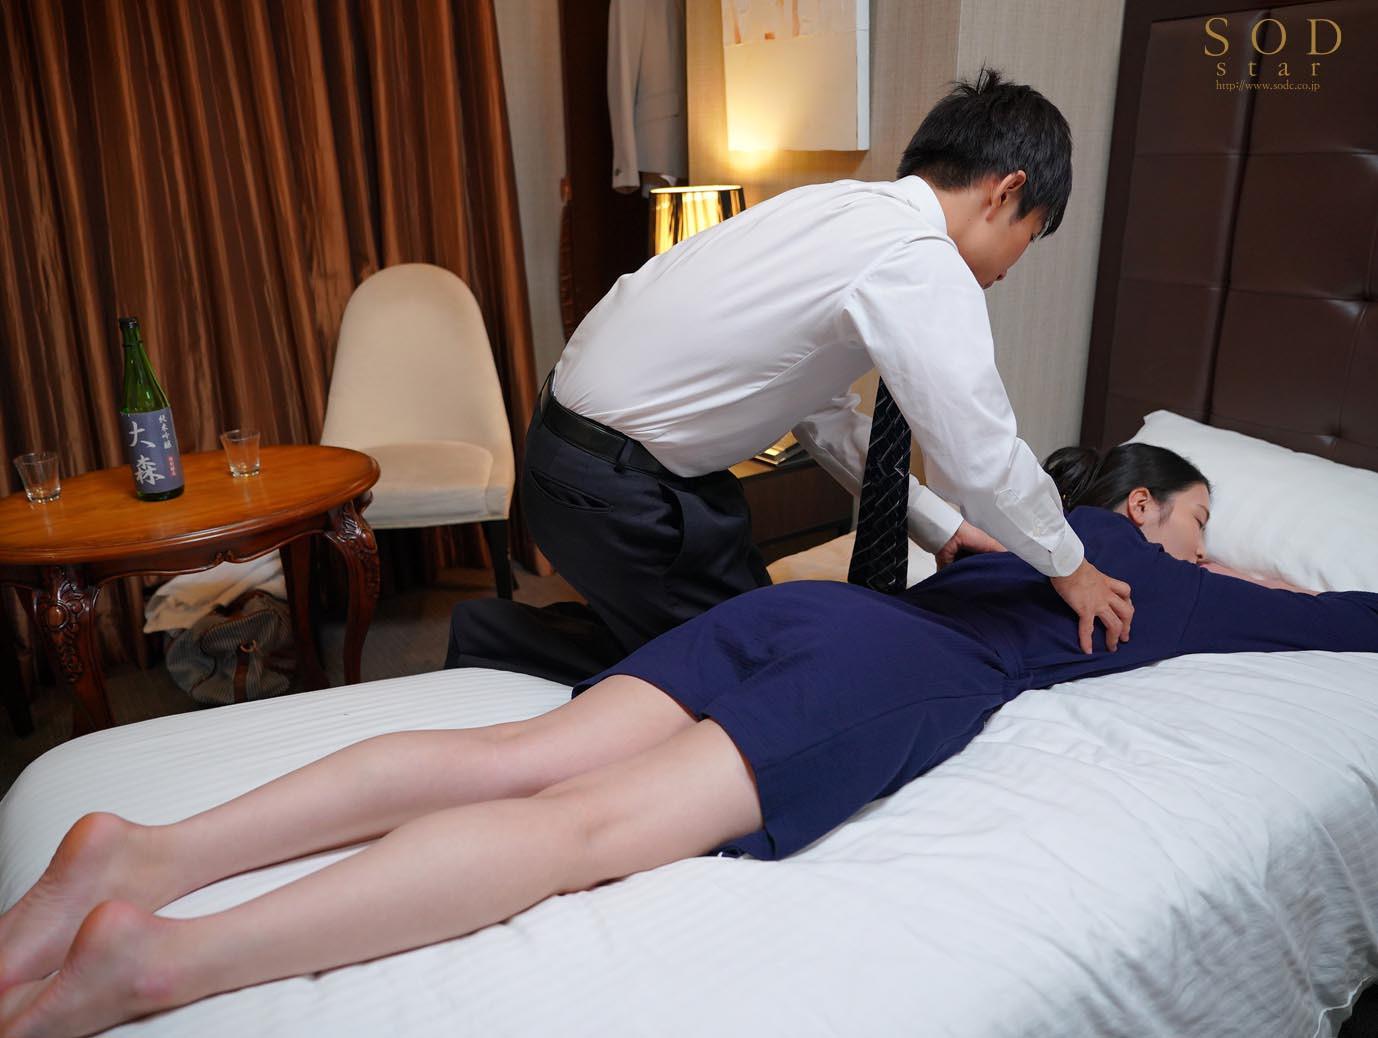 童貞部下と出張先でホテル相部屋 翌朝までベロチュウ姦され続ける化粧品メーカーの寝取られ女上司 本庄鈴 画像3